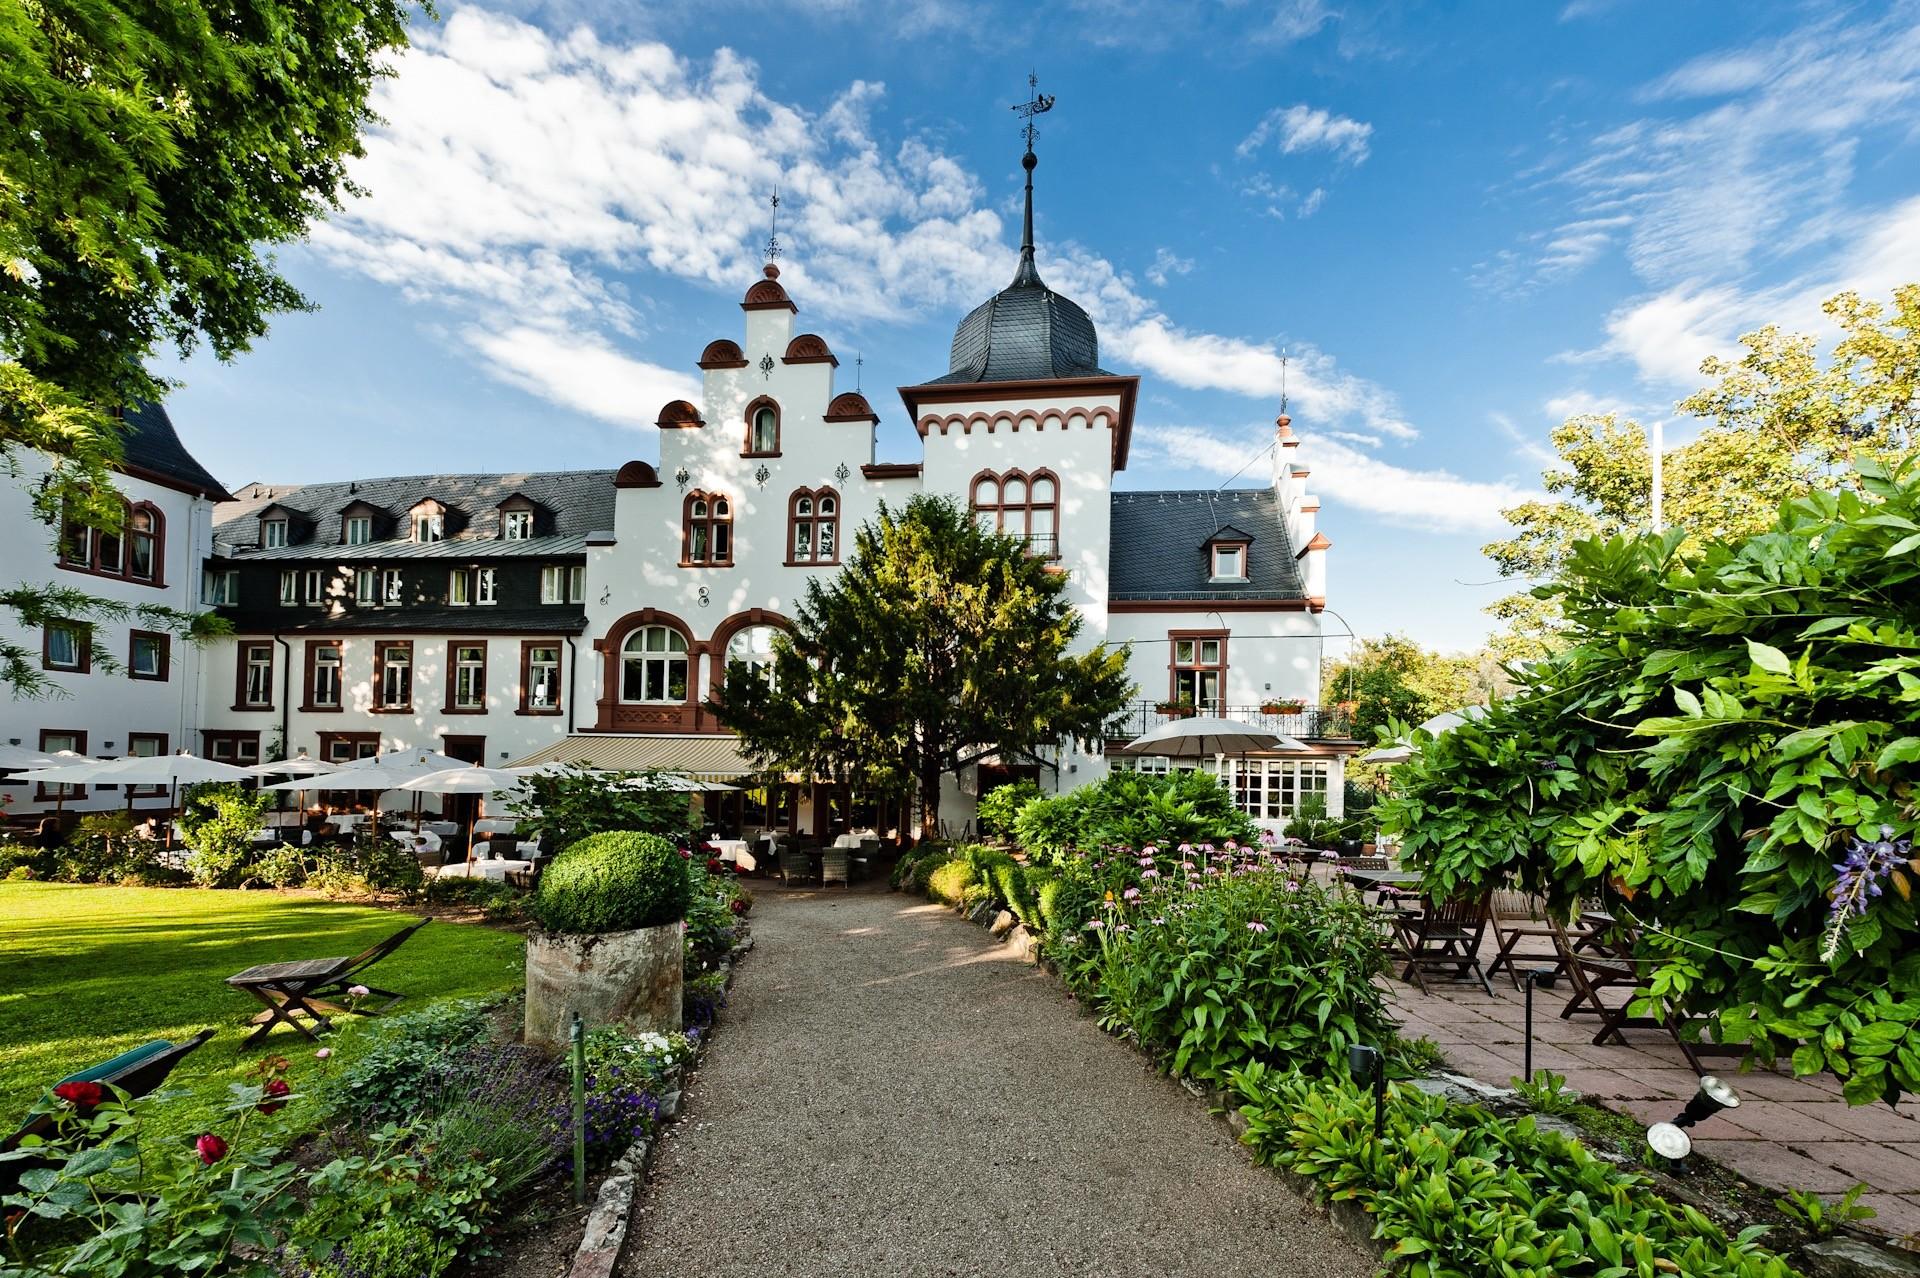 Hotel Kronenschlösschen